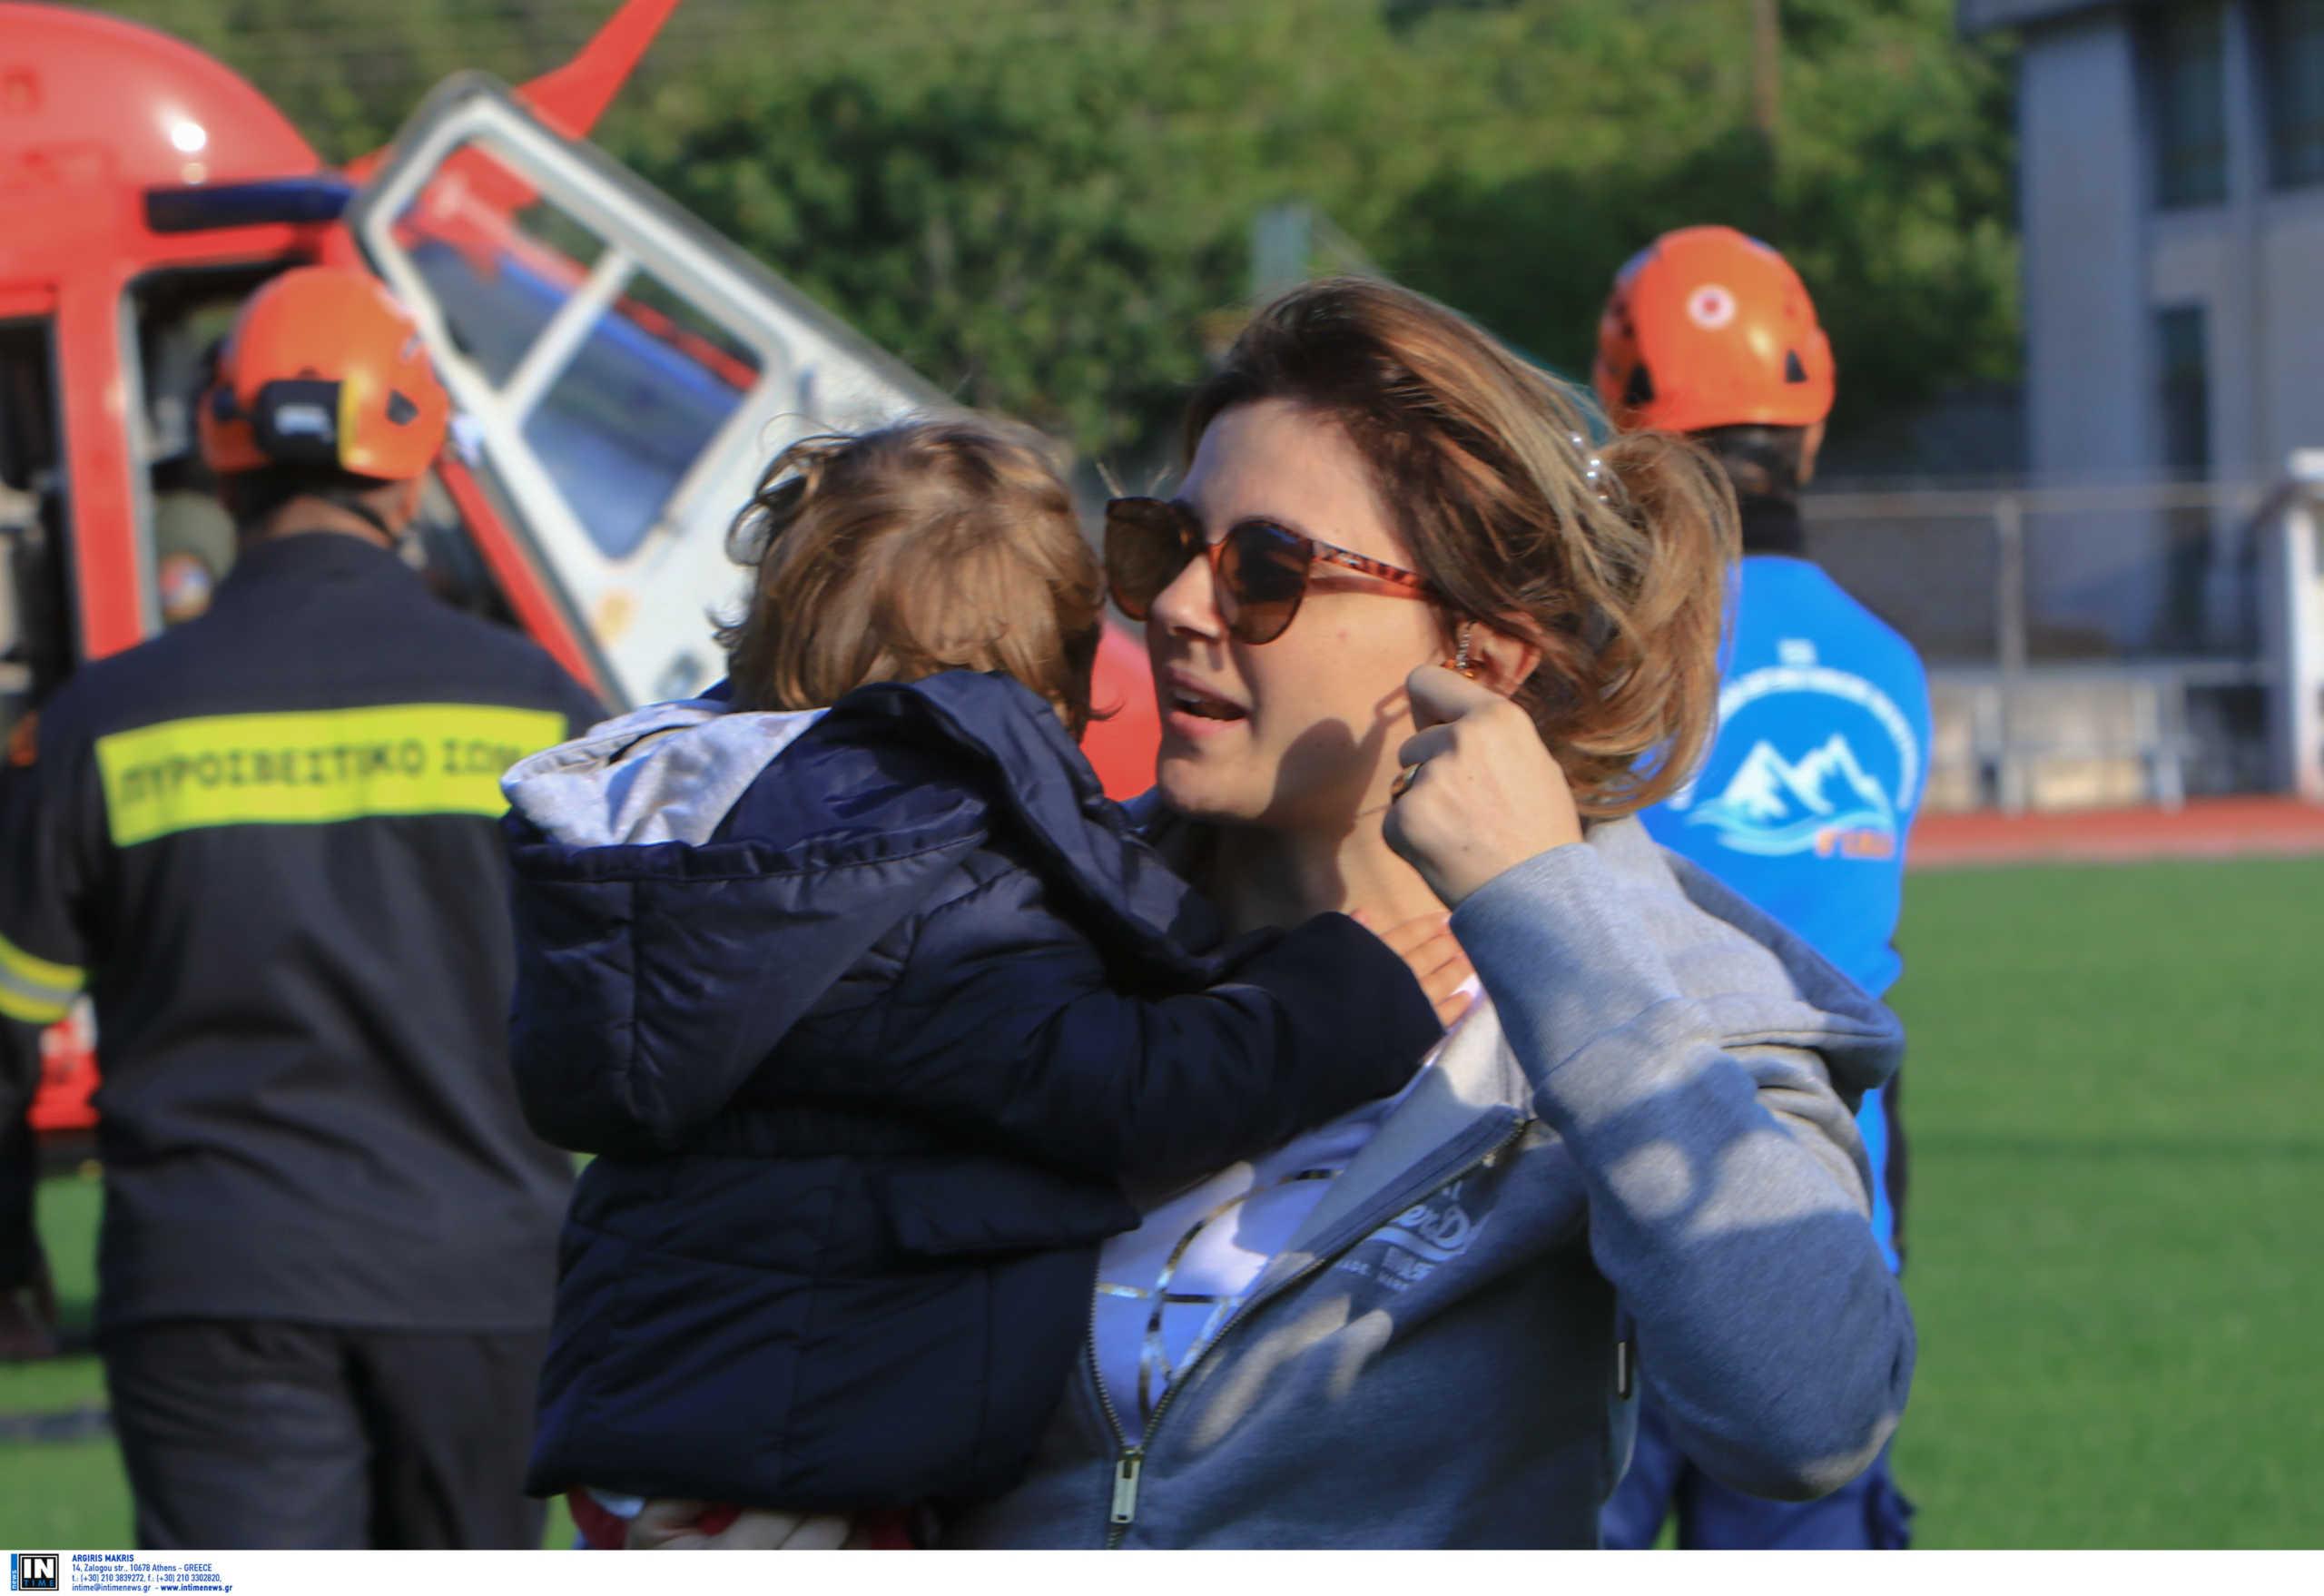 Συγκλονιστικές εικόνες στην Καρδίτσα μετά τους πρώτους απεγκλωβισμούς: Είμαστε λίγοι αλλά ζωντανοί